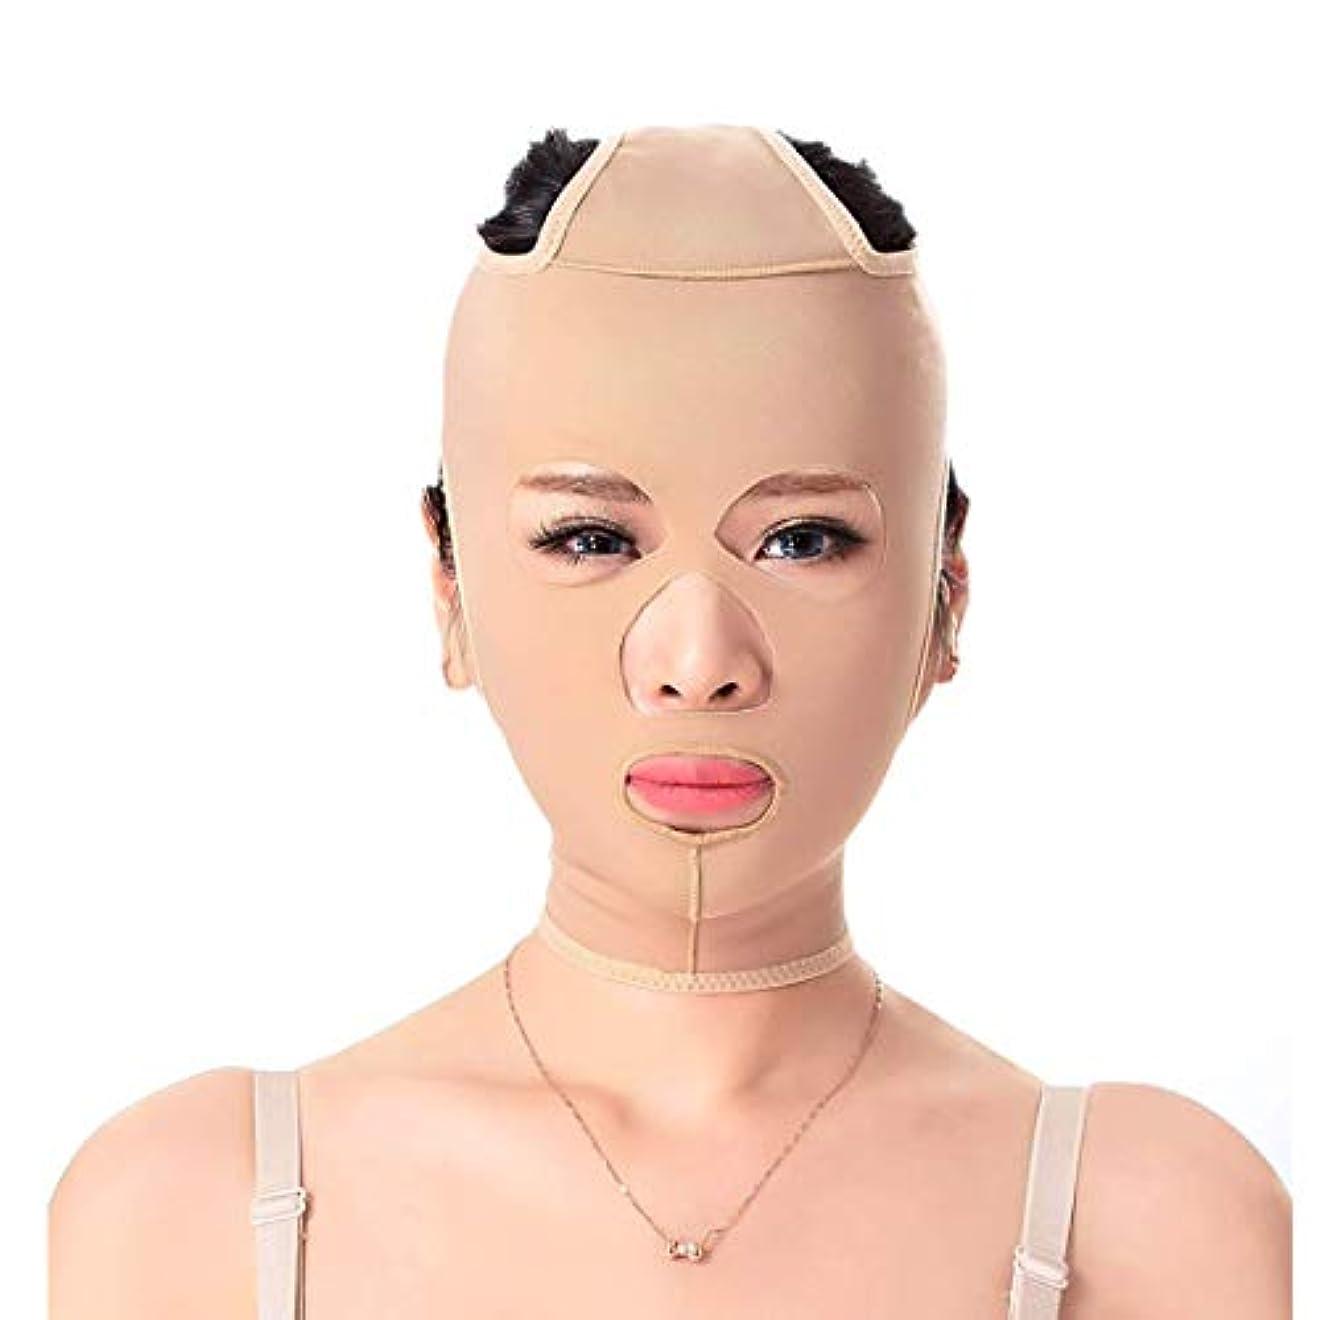 ローズ公平な地獄スリミングベルト、二重あごの引き締め顔面プラスチック顔アーティファクト強力な顔の包帯を脇に持ち上げるパターンを欺くためのフェイシャルマスク薄いフェイスマスク(サイズ:XXL),Xl